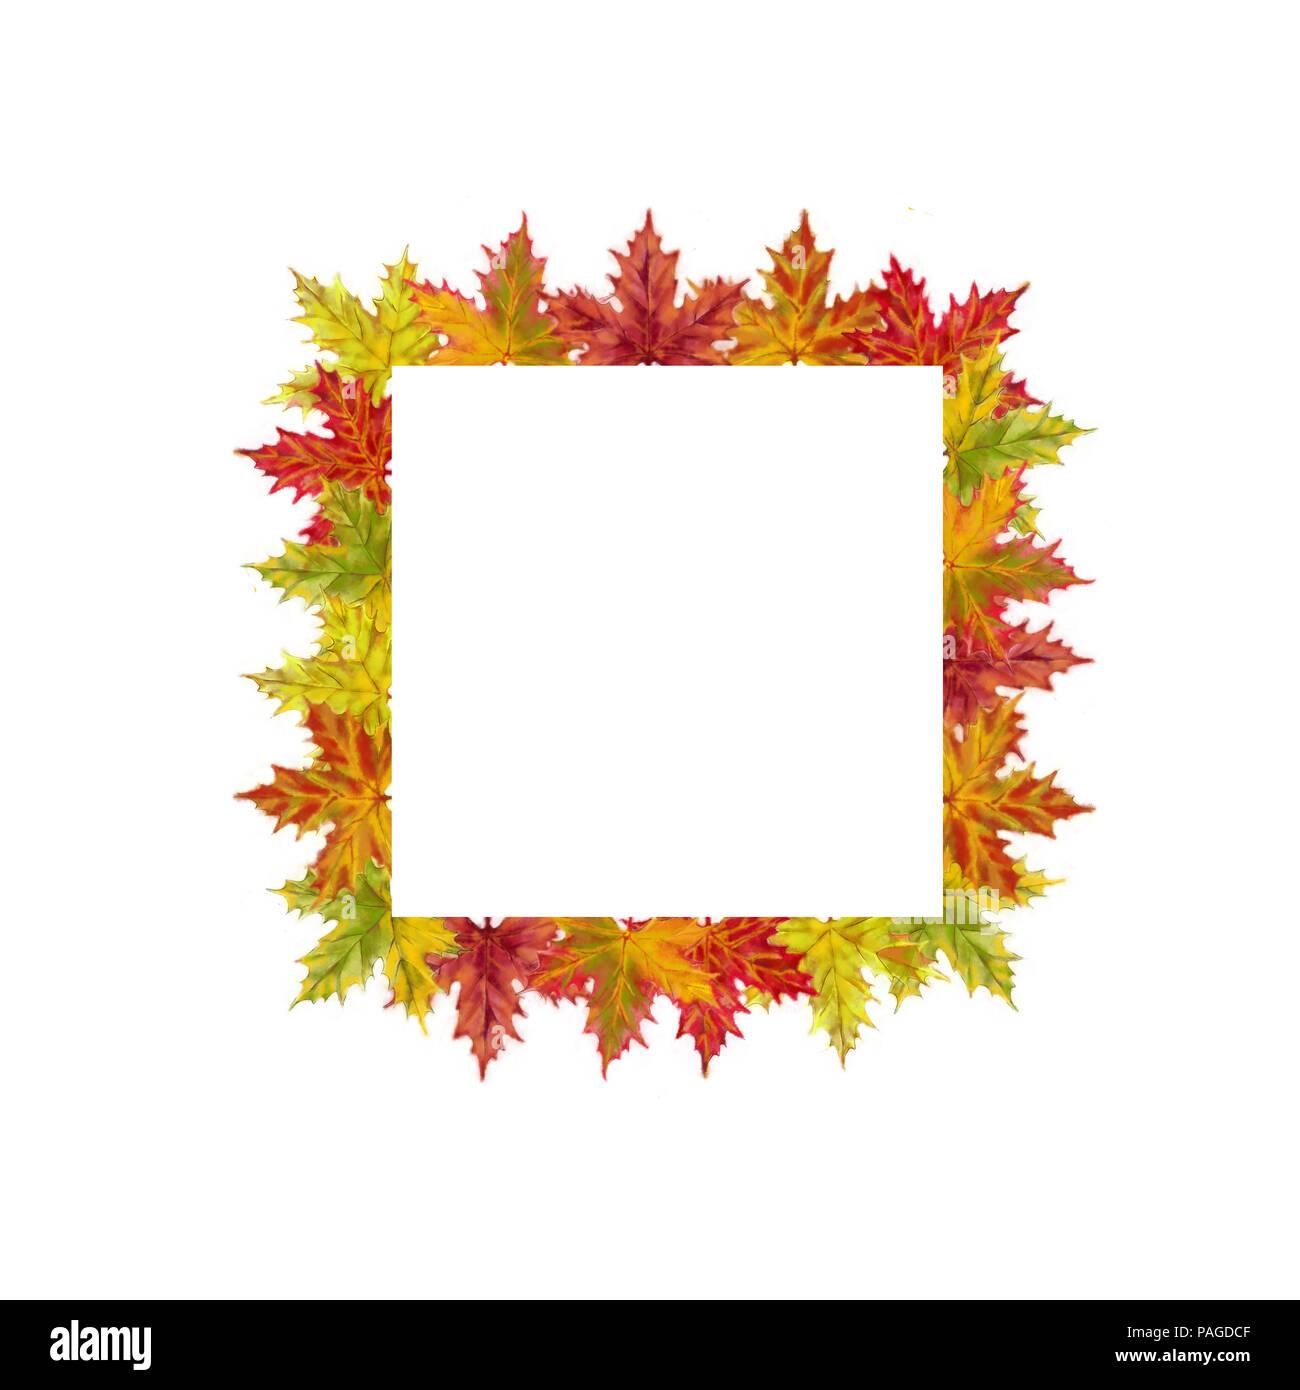 Herbst Ahorn Blätter Square Vorlage isoliert auf weißem Hintergrund ...